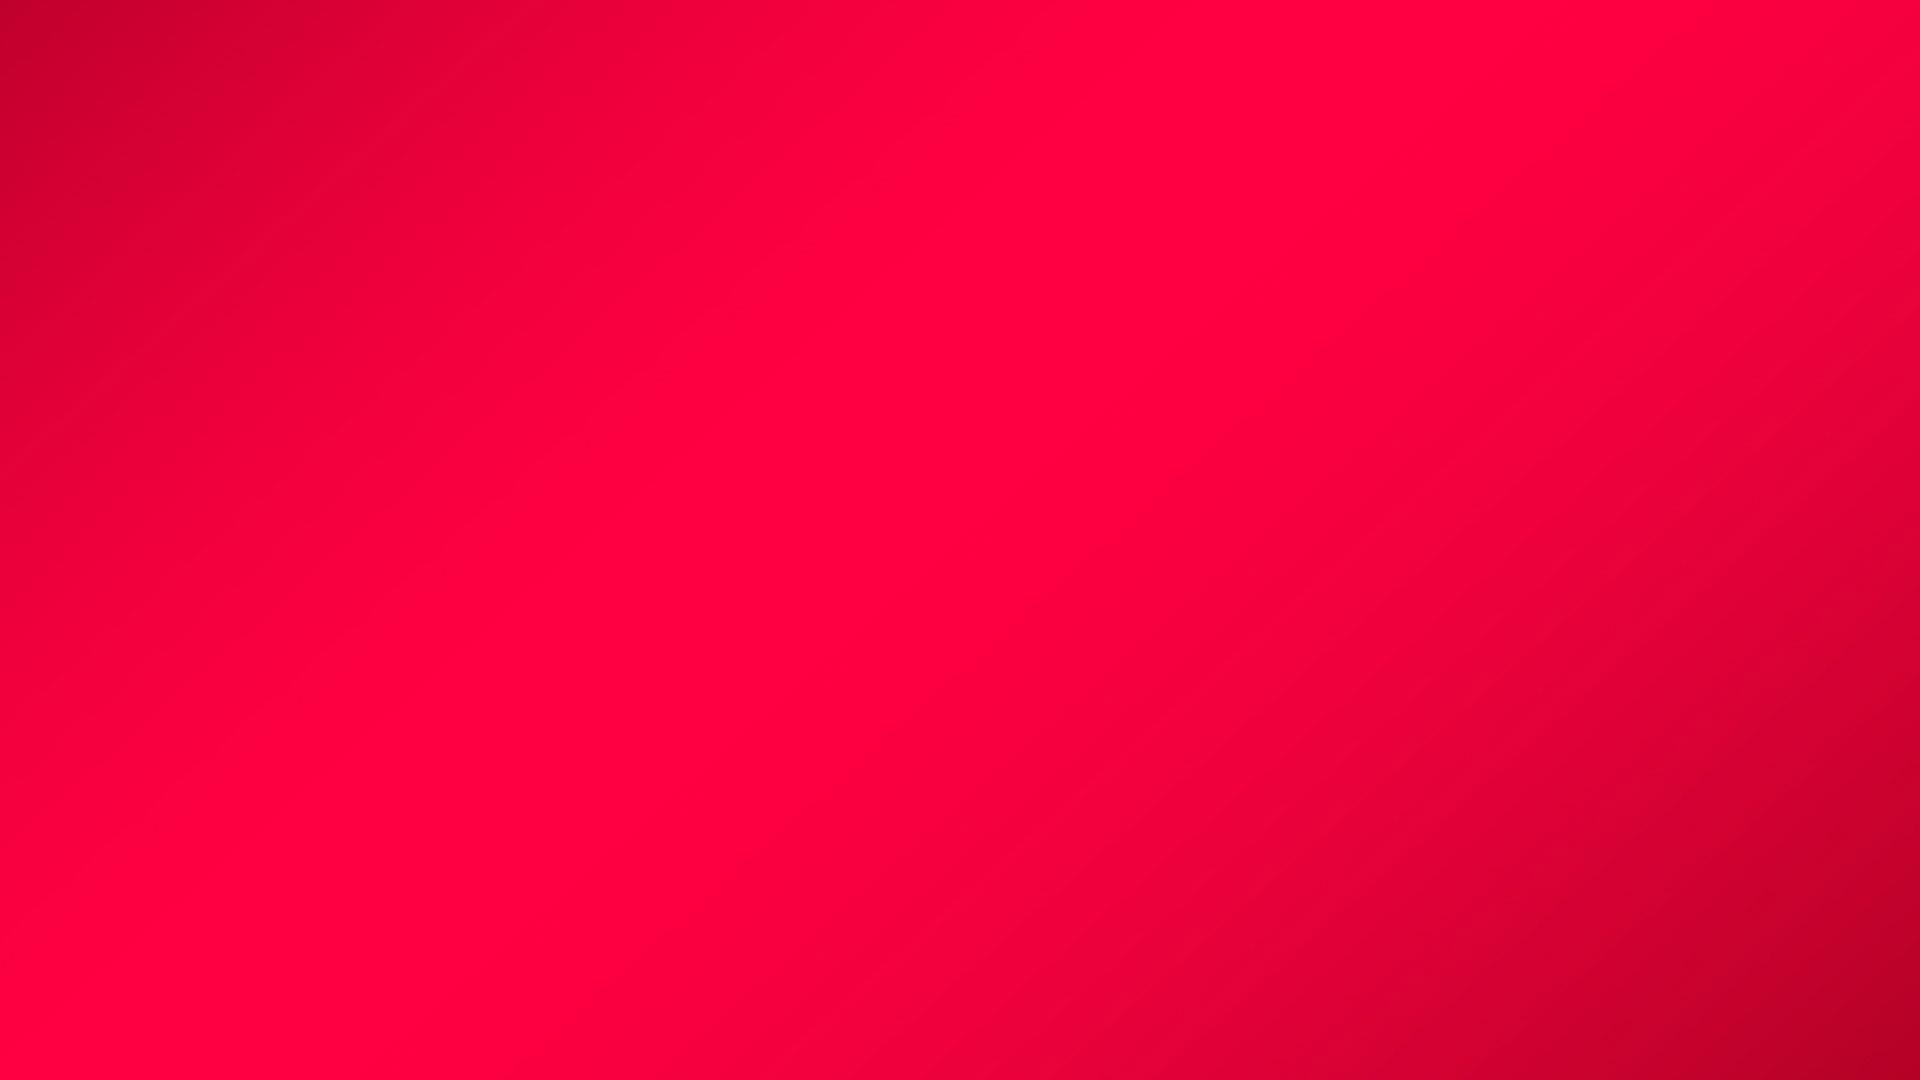 Ein roter Hintergrund mit Farbverlauf